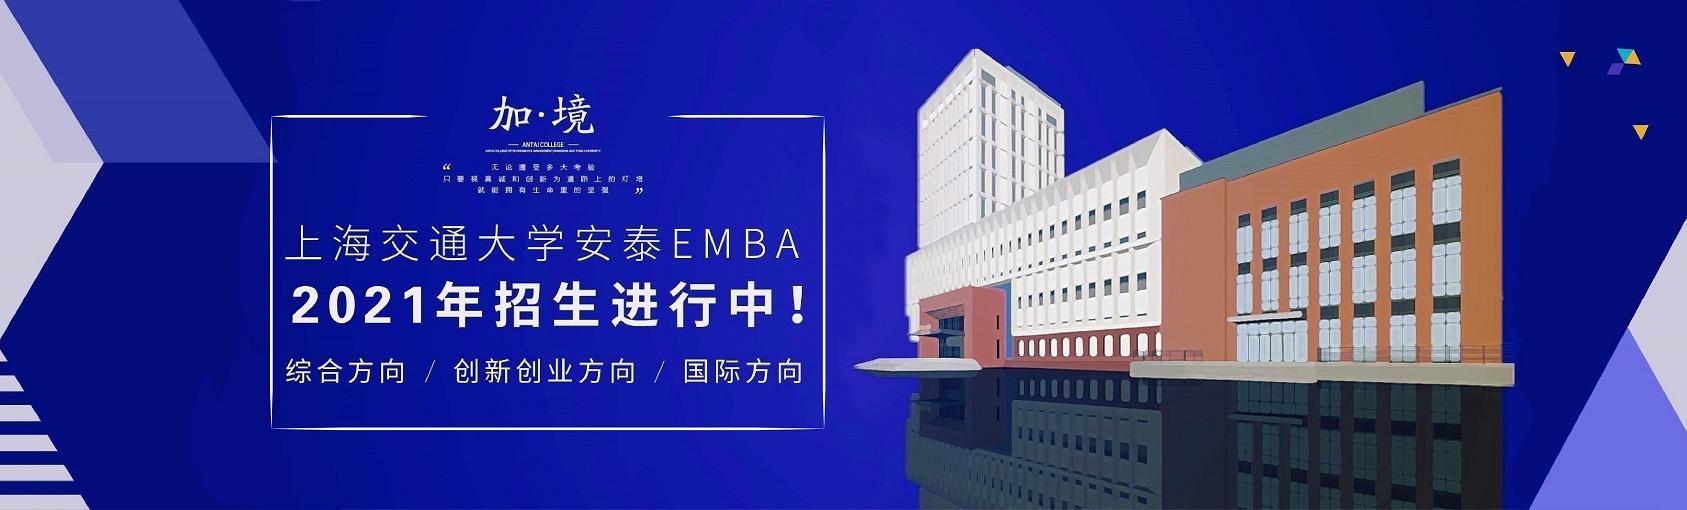 盛京qi牌大学2021年高级管理ren员工shang管理硕士(EMBA)招生简章